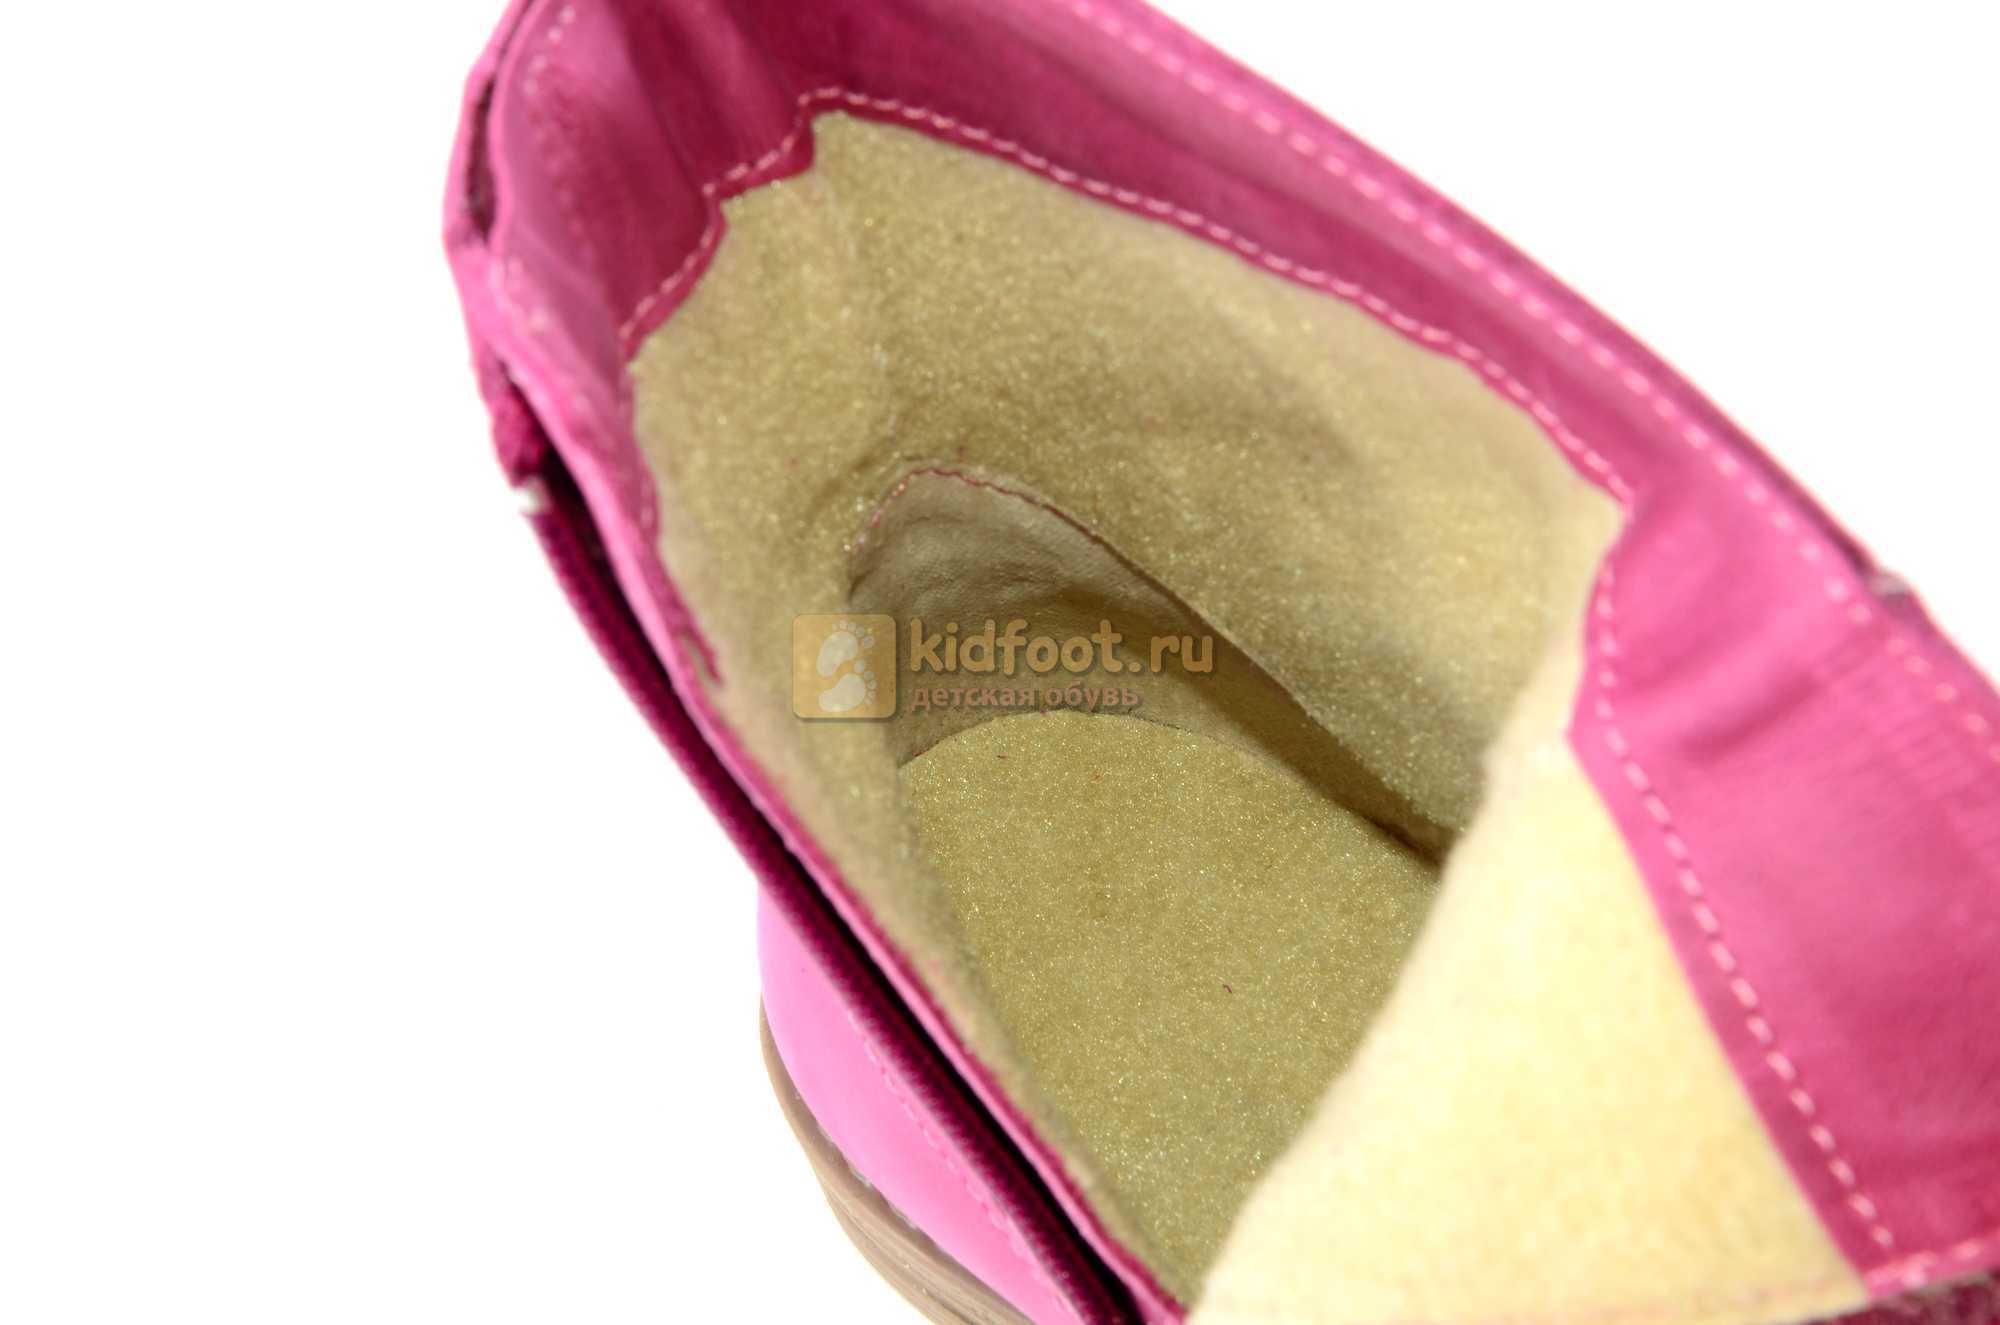 Детские сапоги Тотто из натуральной кожи на молнии для девочек, цвет фуксия